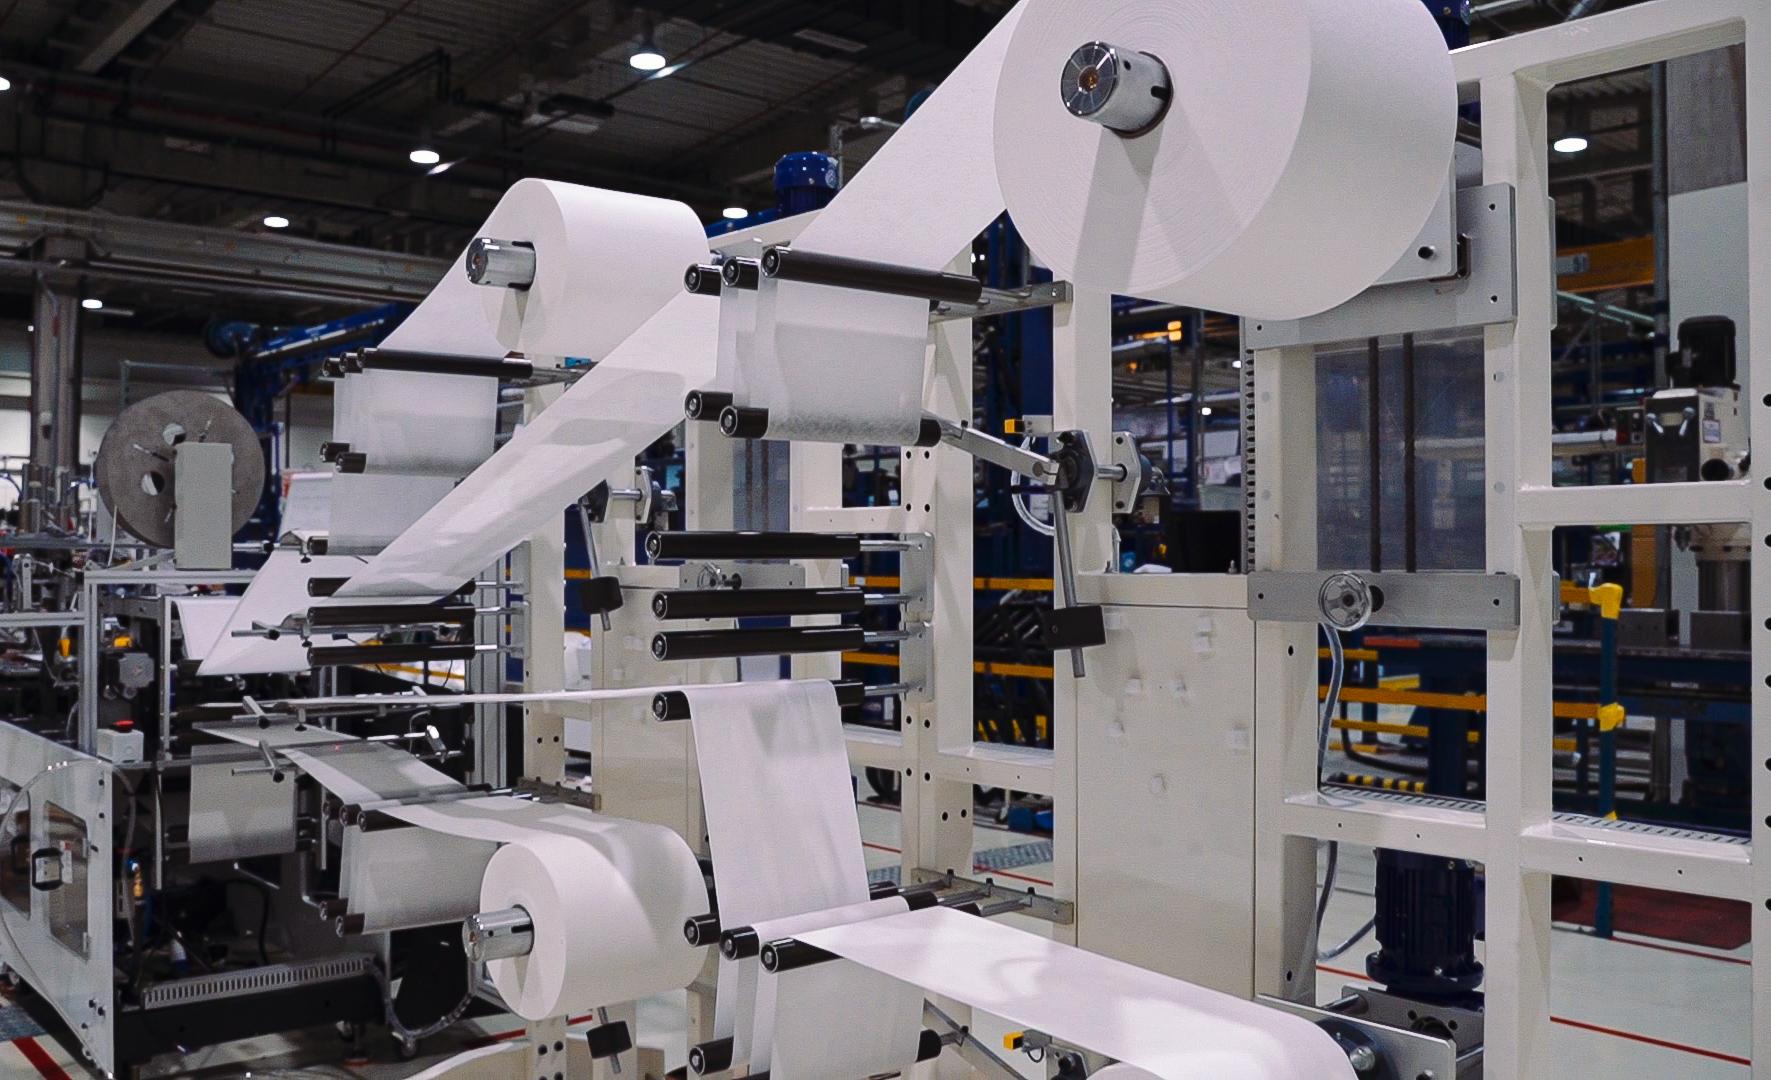 """مبادلة تدشن تعاونًا استراتيجيًا بين ستراتا للتصنيع و""""هانيويل"""" لإنشاء خط إنتاج كمامات N95 في العين"""